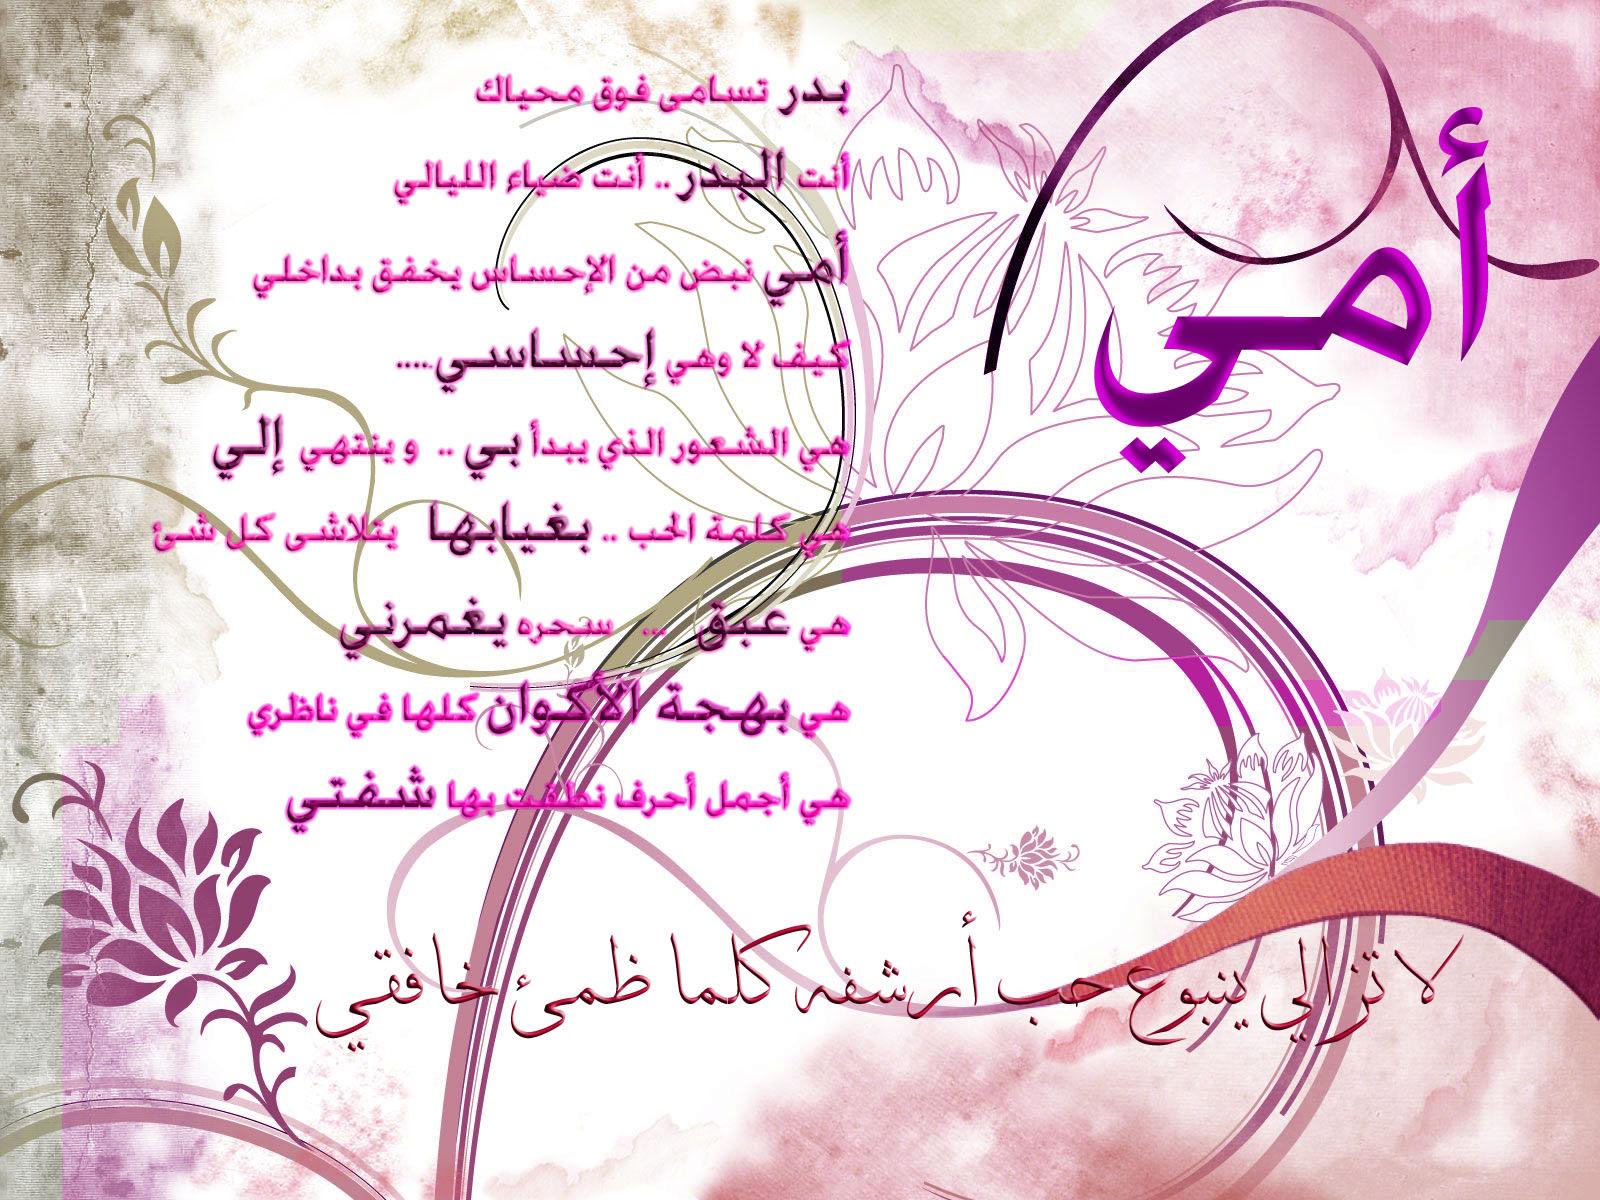 بالصور اجمل الصور عن عيد الام , اروع كلمات عن الام 5419 3